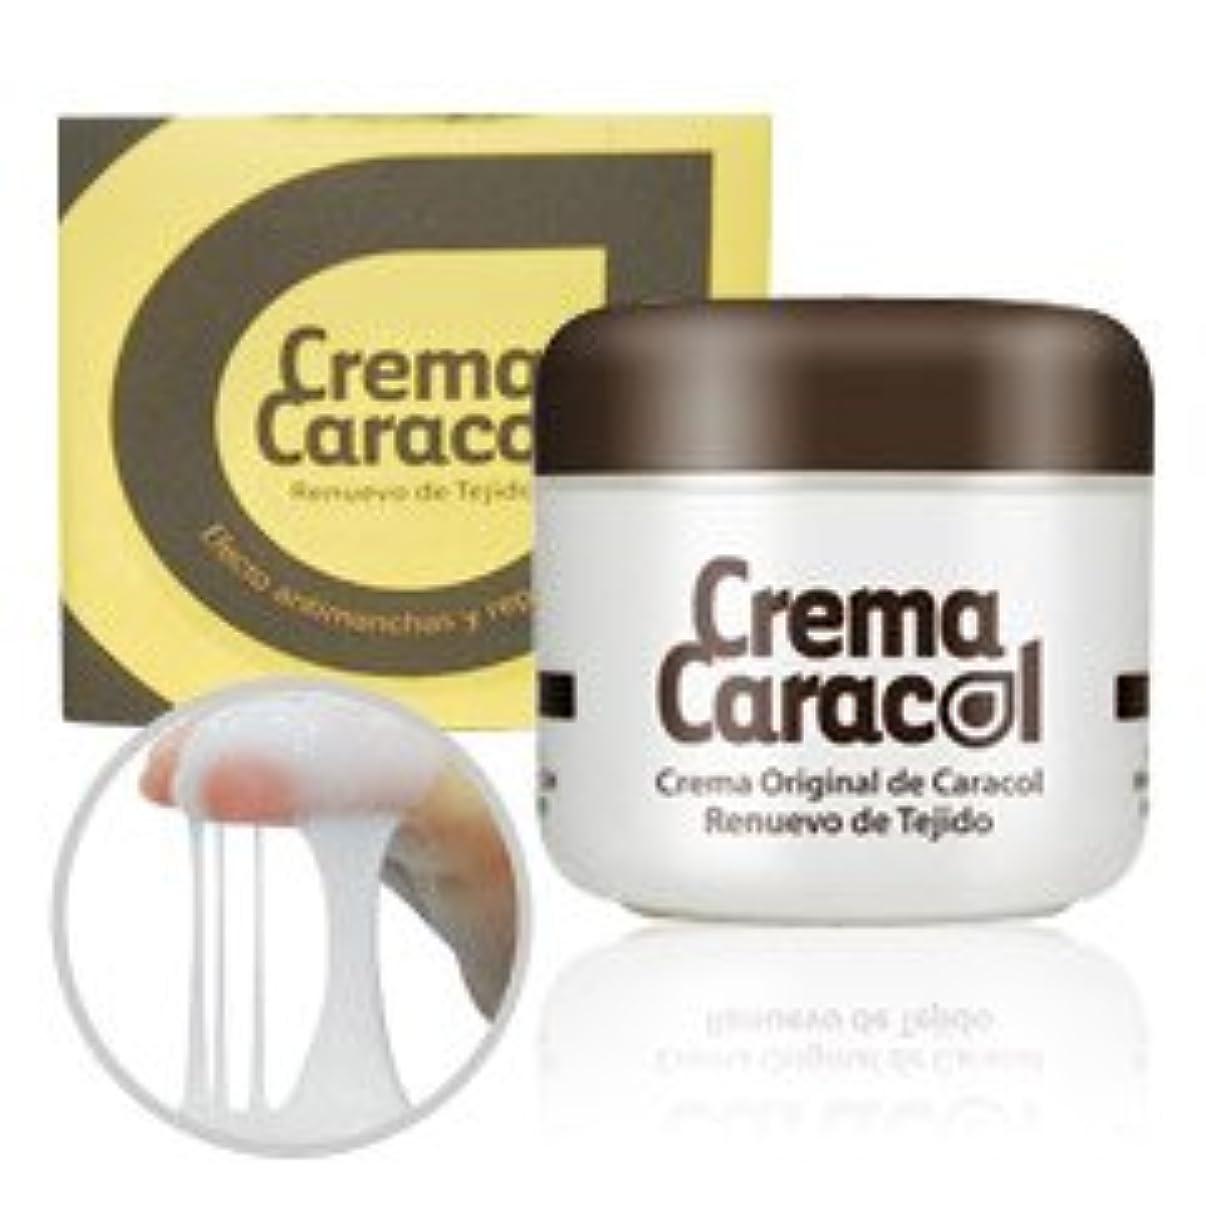 許さない厚い避難crema caracol(カラコール) かたつむりクリーム 3個セット